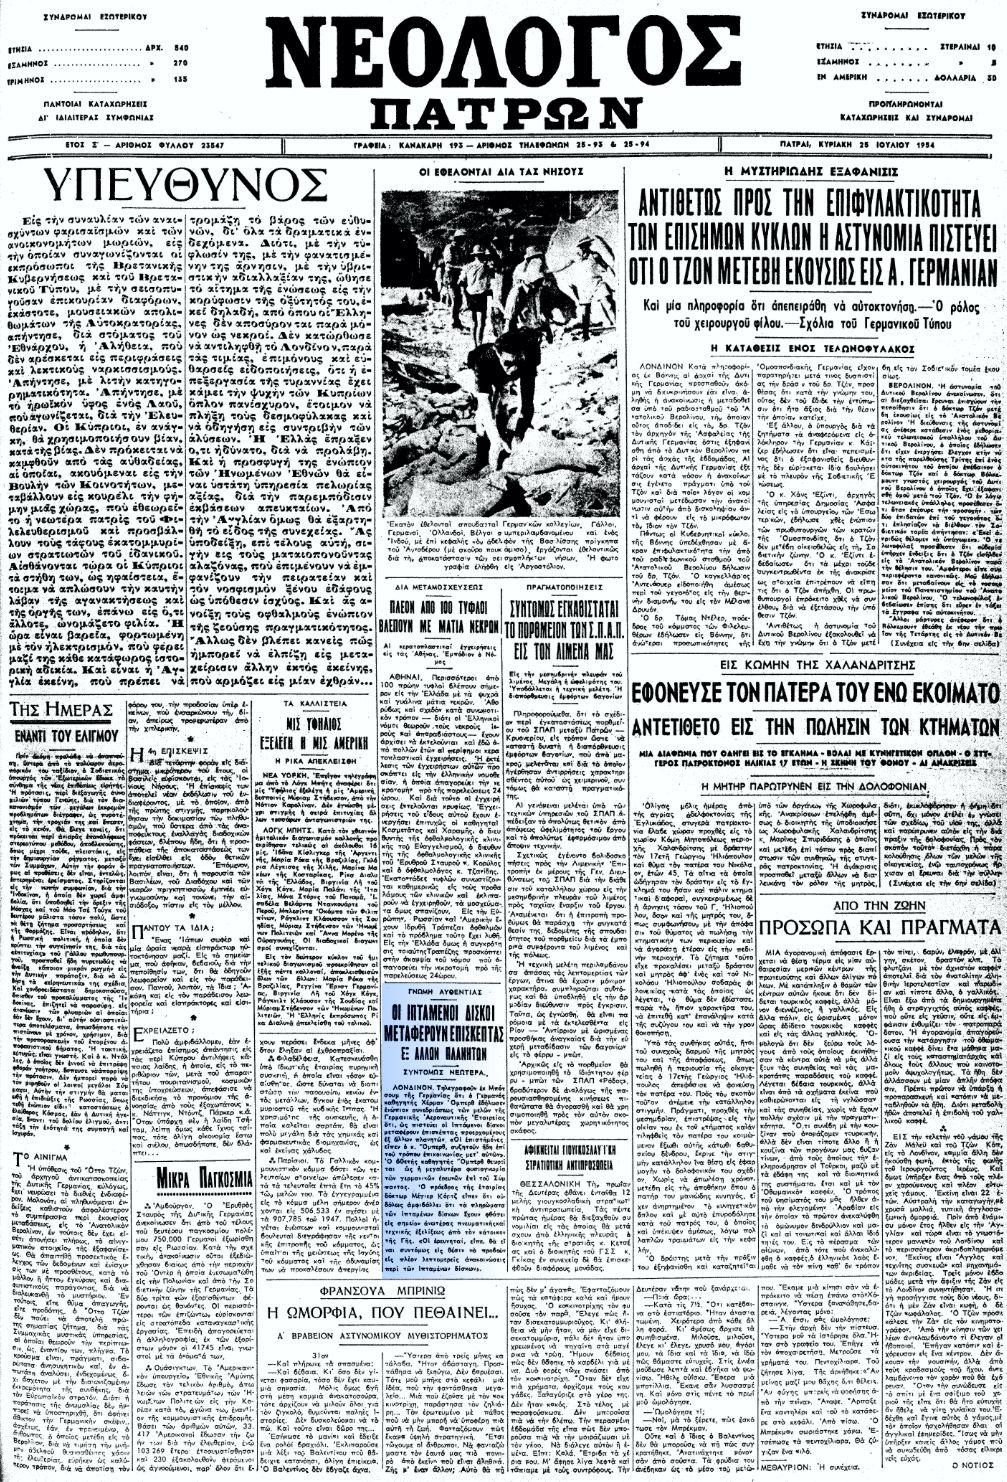 """Το άρθρο, όπως δημοσιεύθηκε στην εφημερίδα """"ΝΕΟΛΟΓΟΣ ΠΑΤΡΩΝ"""", στις 25/07/1954"""